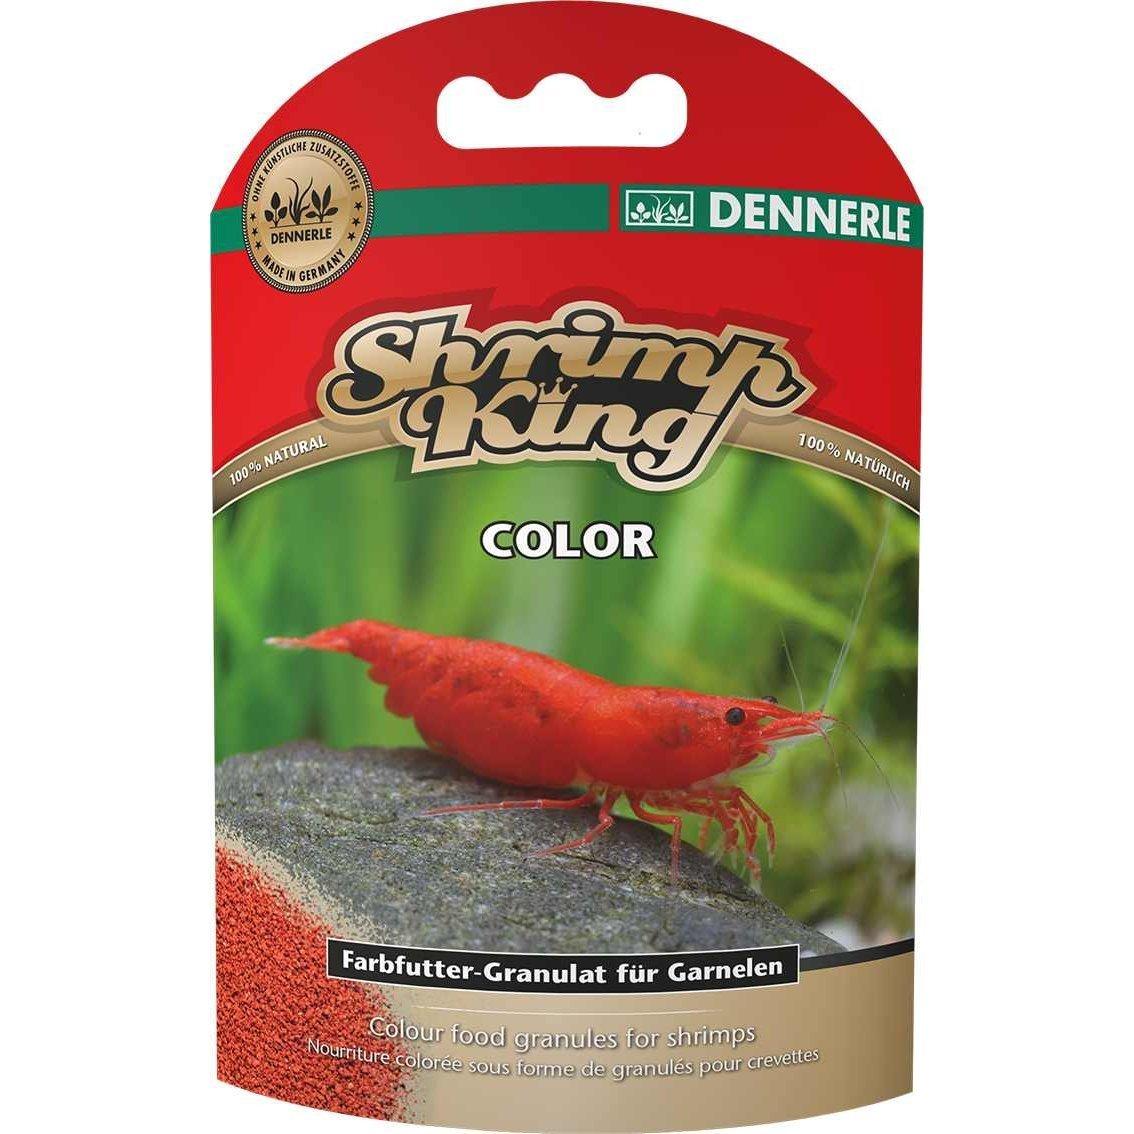 Dennerle Shrimp King Color, Bild 4